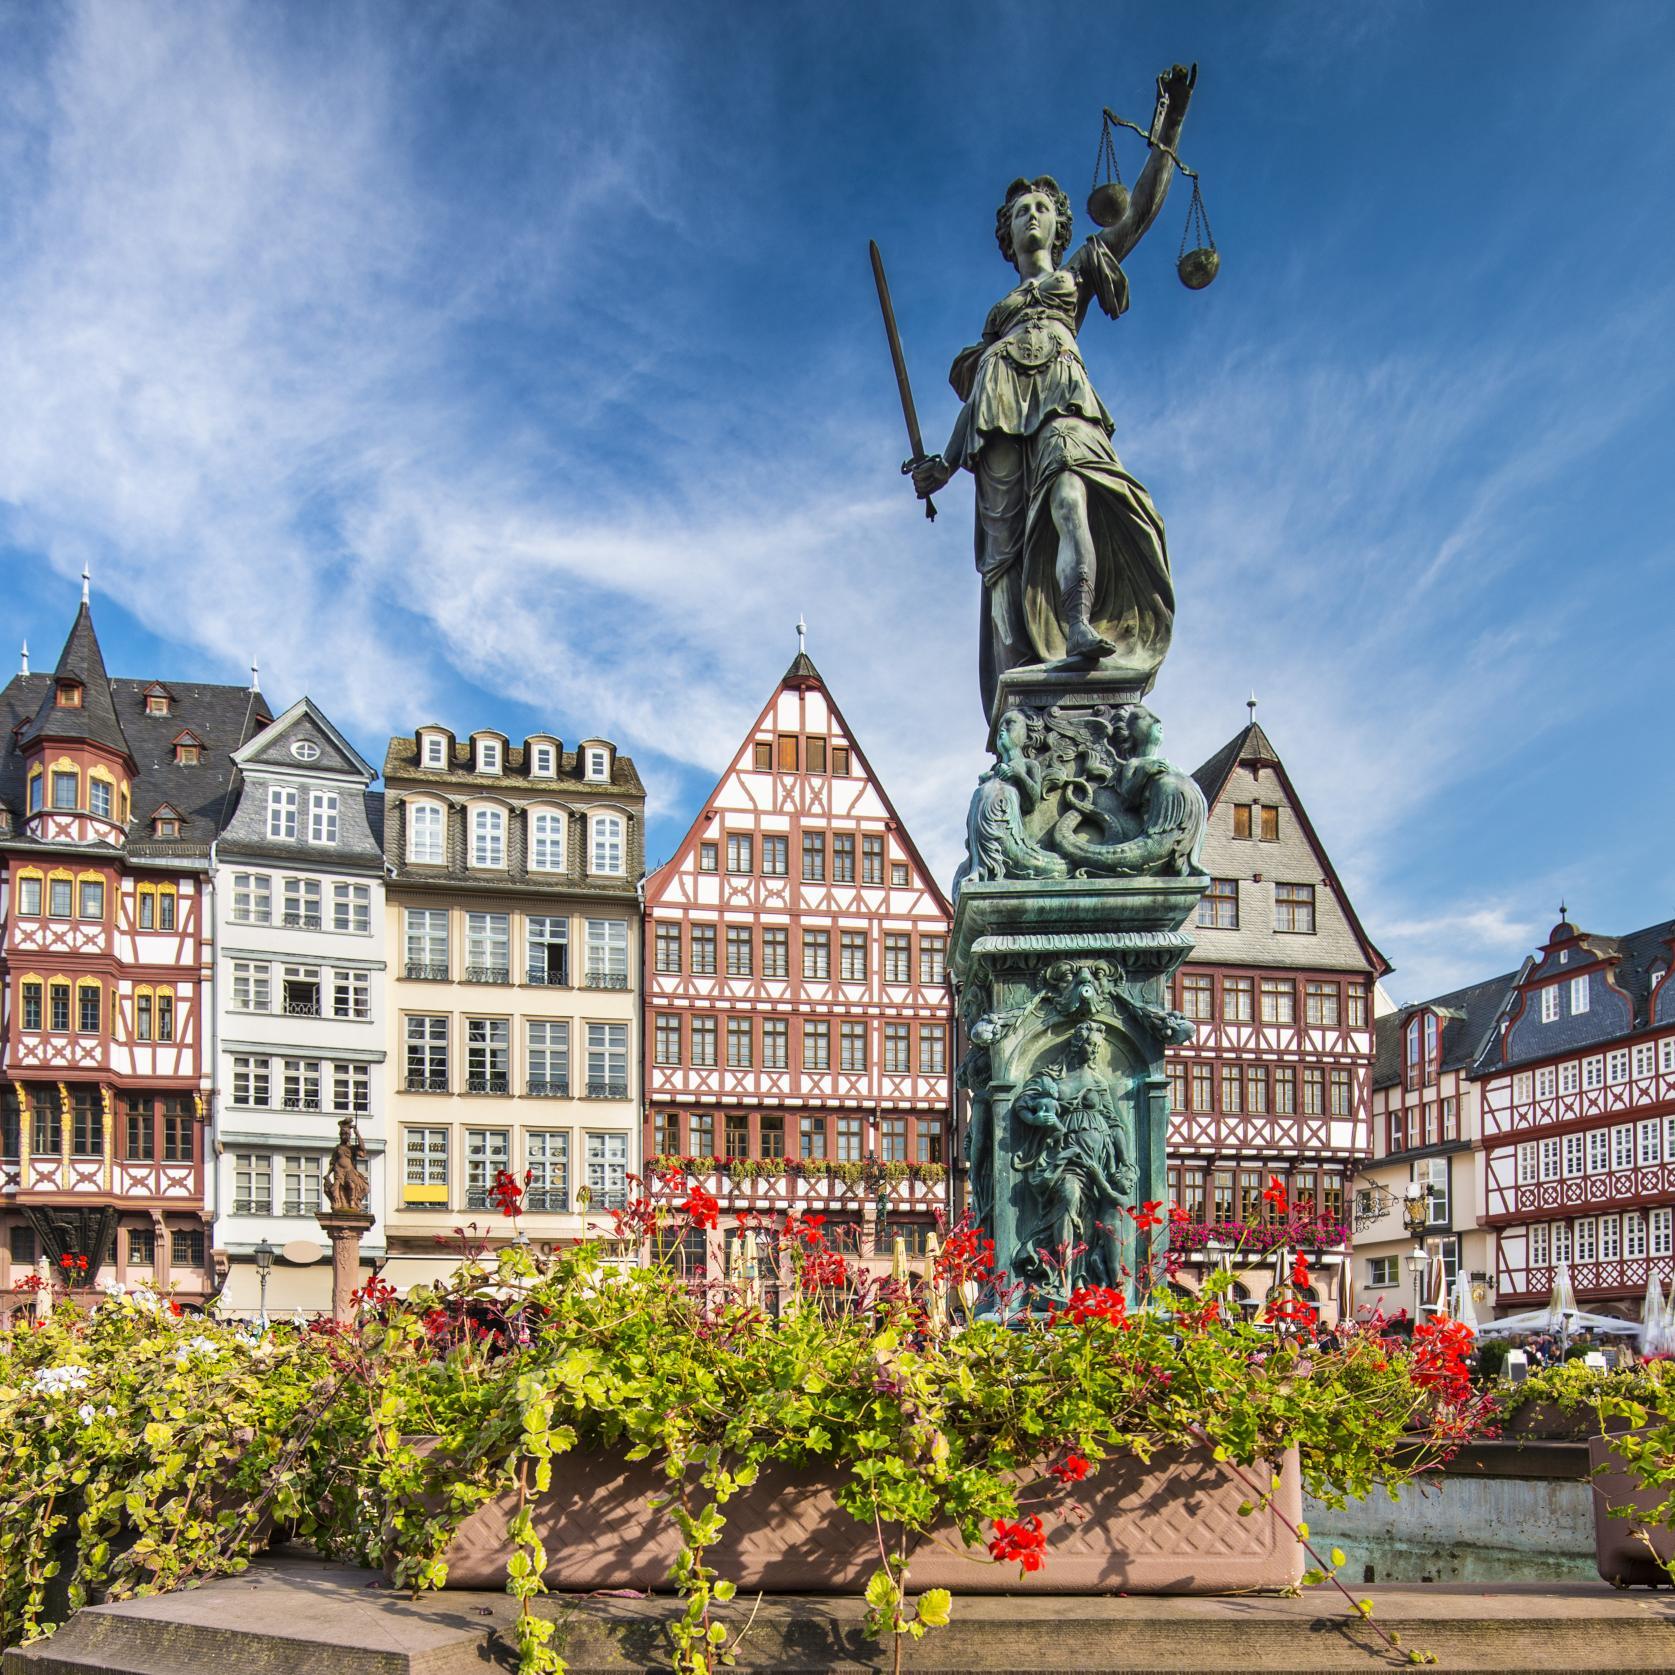 Römerberg im historischen Zentrum, Frankfurt